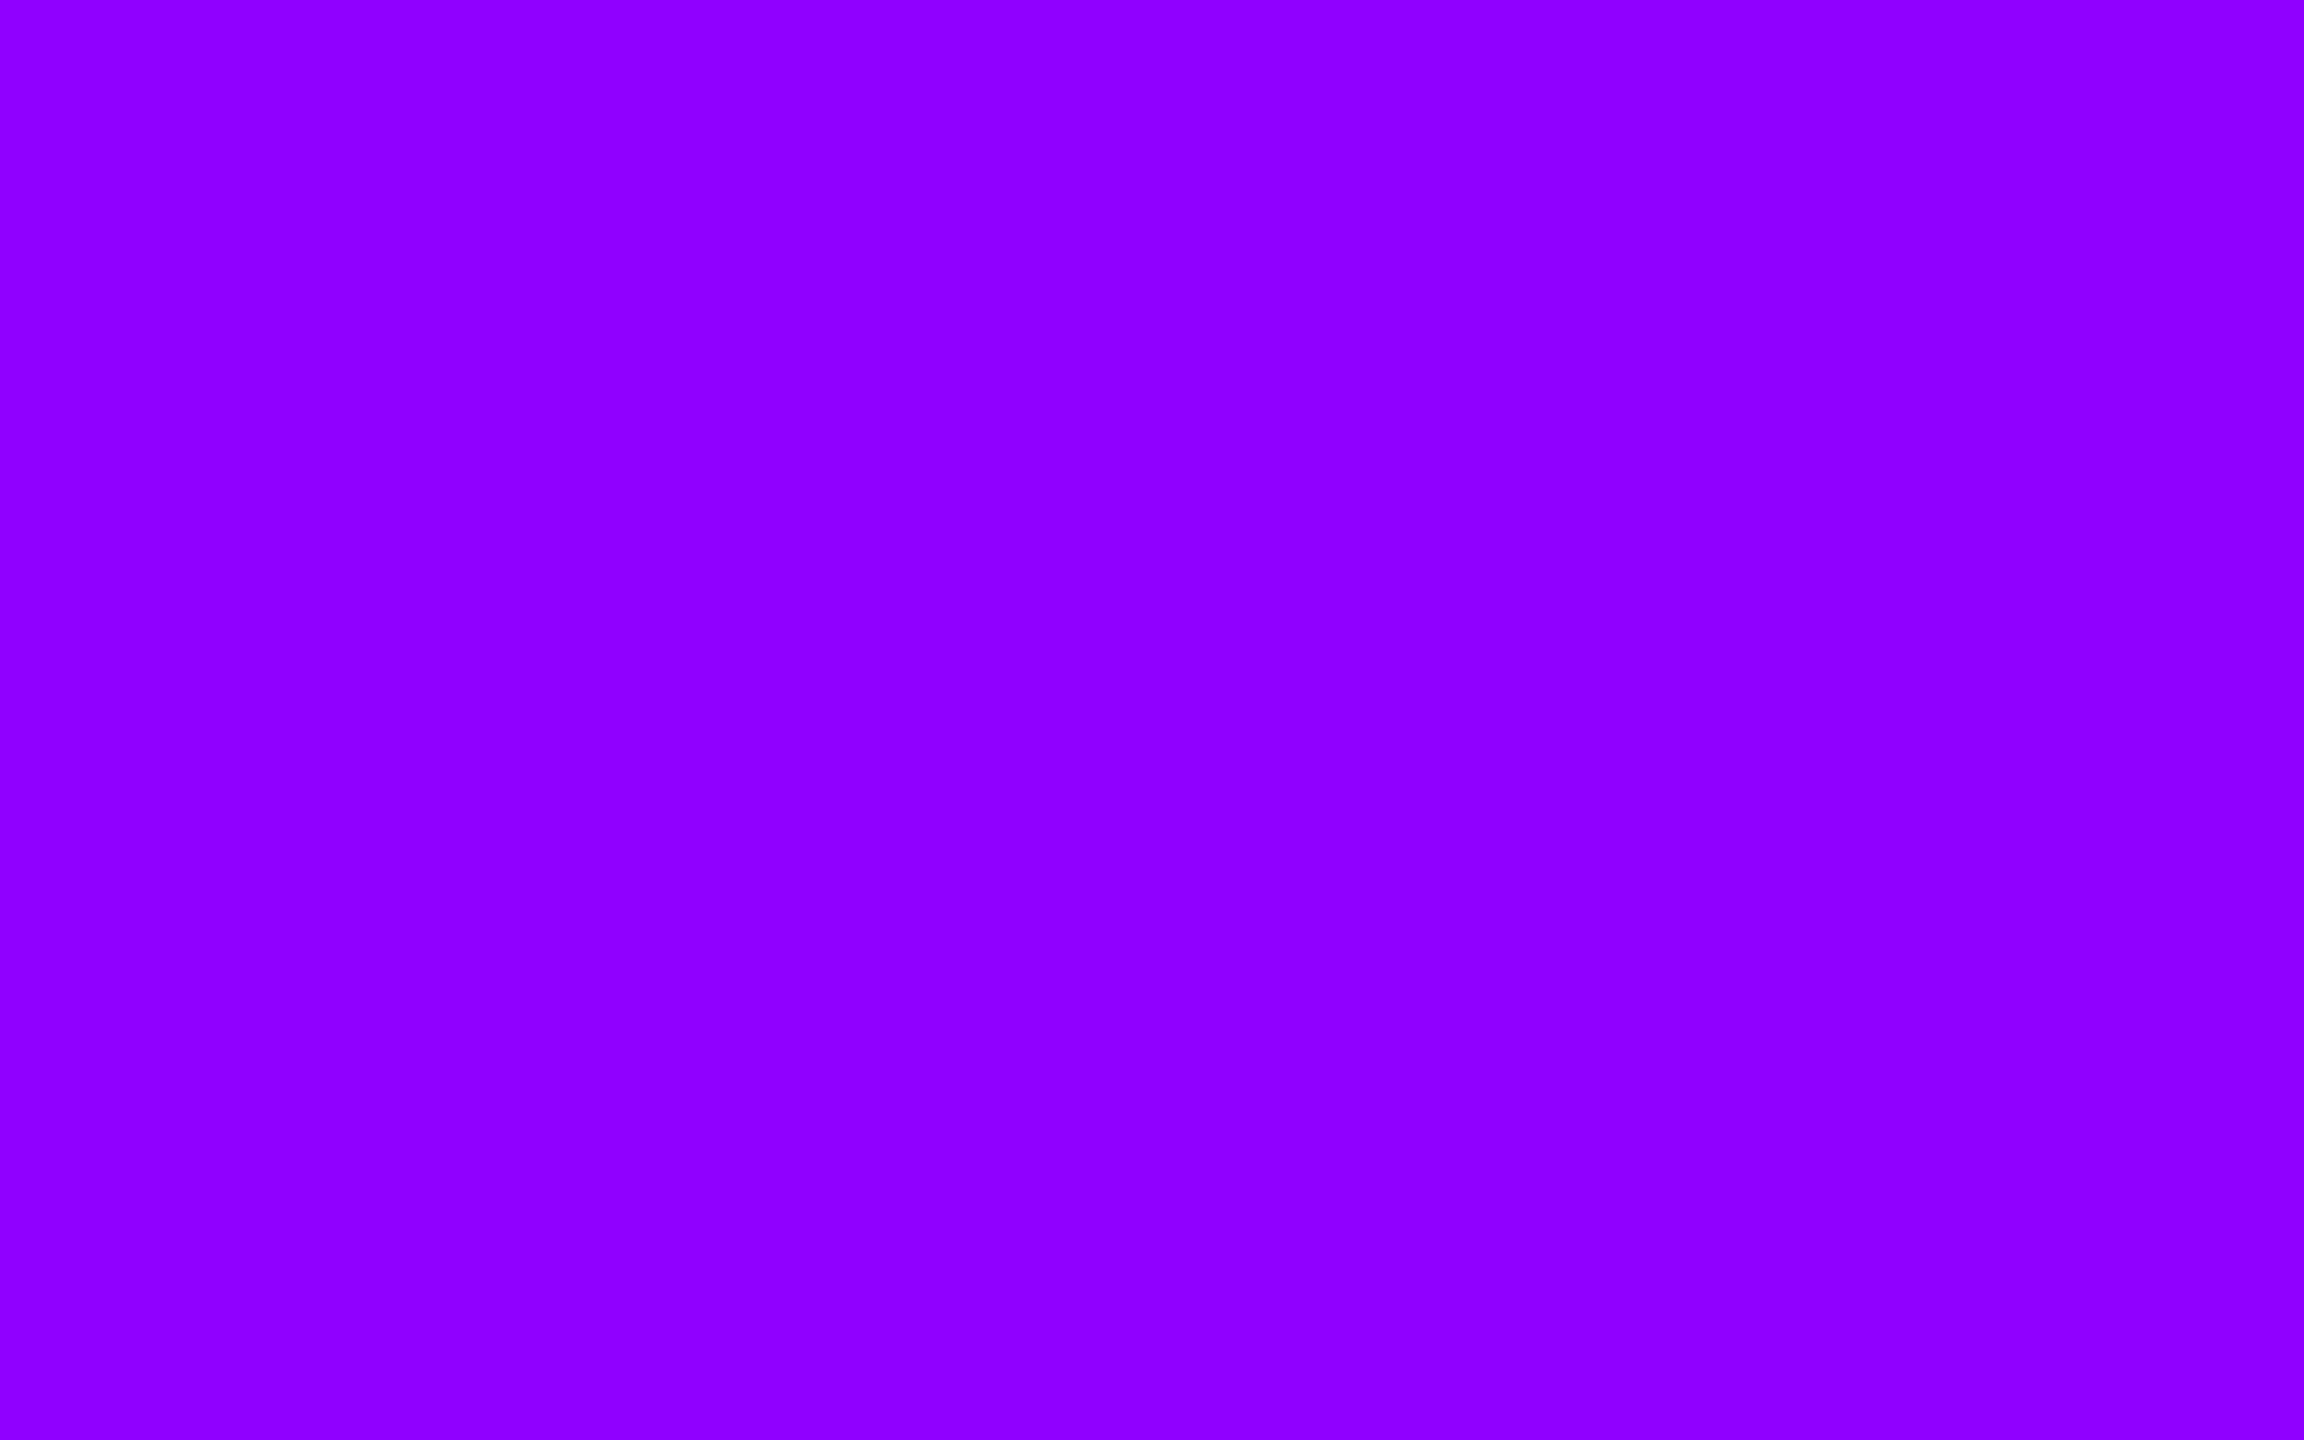 2304x1440 Violet Solid Color Background